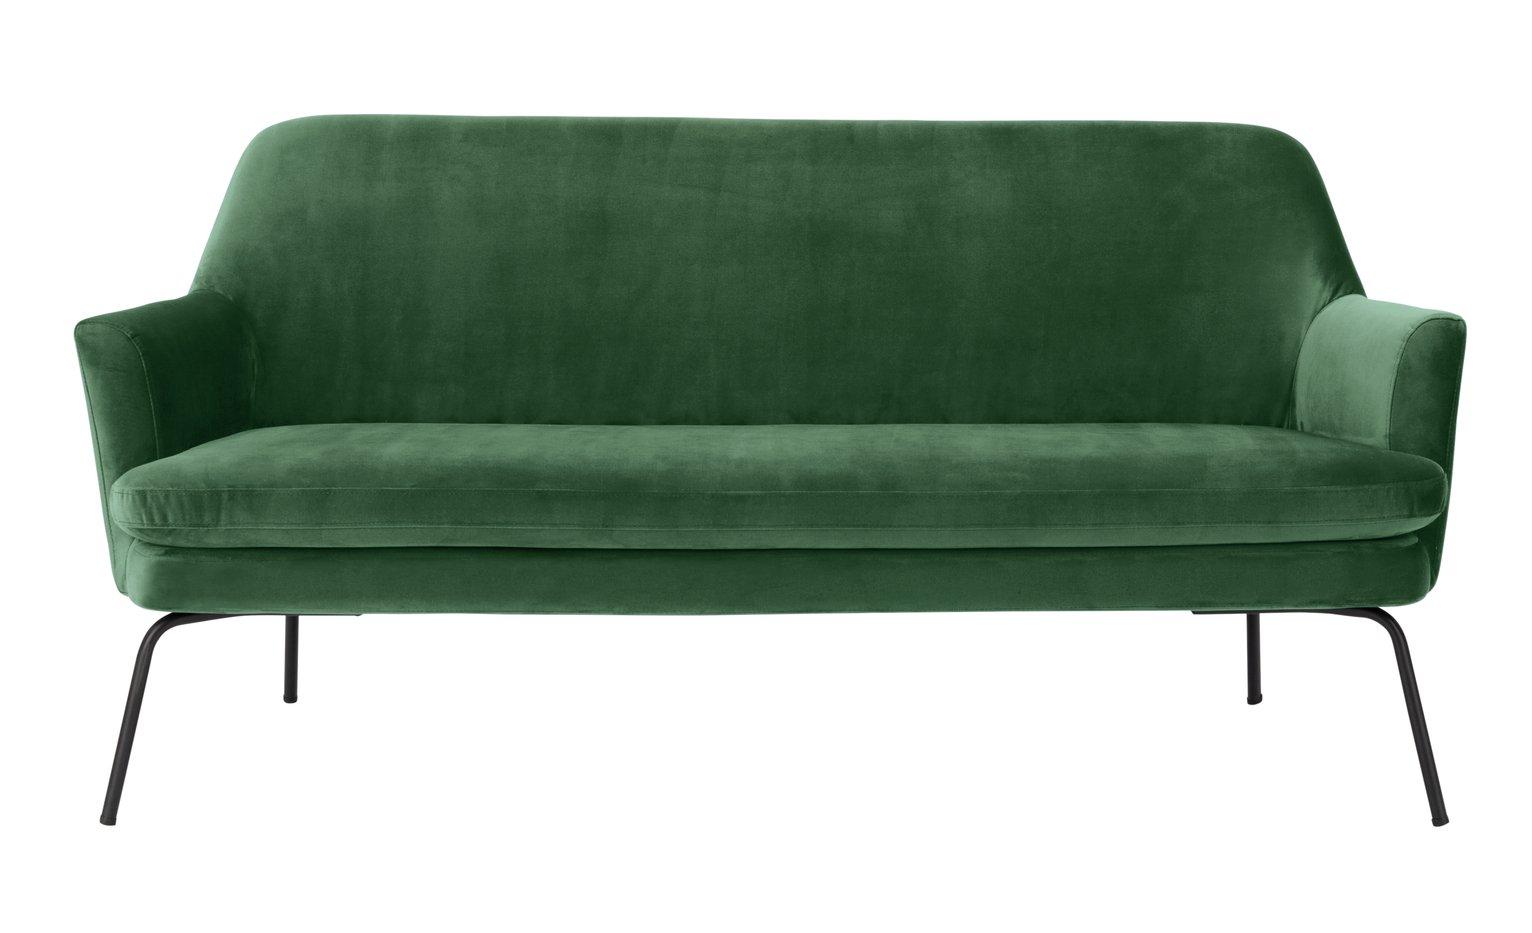 Habitat Celine 2 Seater Velvet 2 Seater Sofa - Green